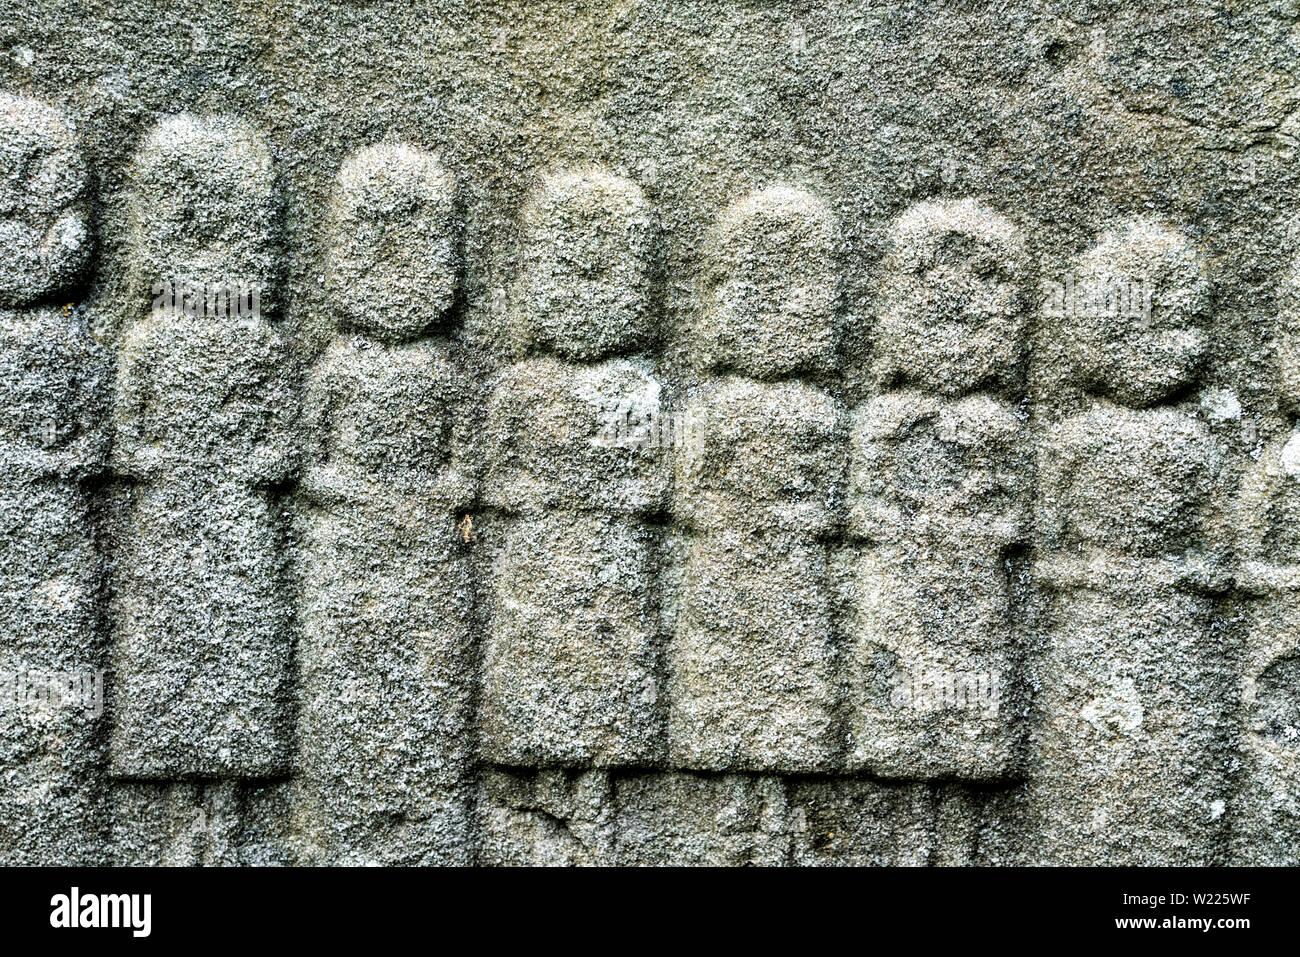 Detalles de una antigua lápida, antigua iglesia parroquial de Protestantes, distrito Werra-Meissner Abterode, Hesse, Alemania, Europa Foto de stock